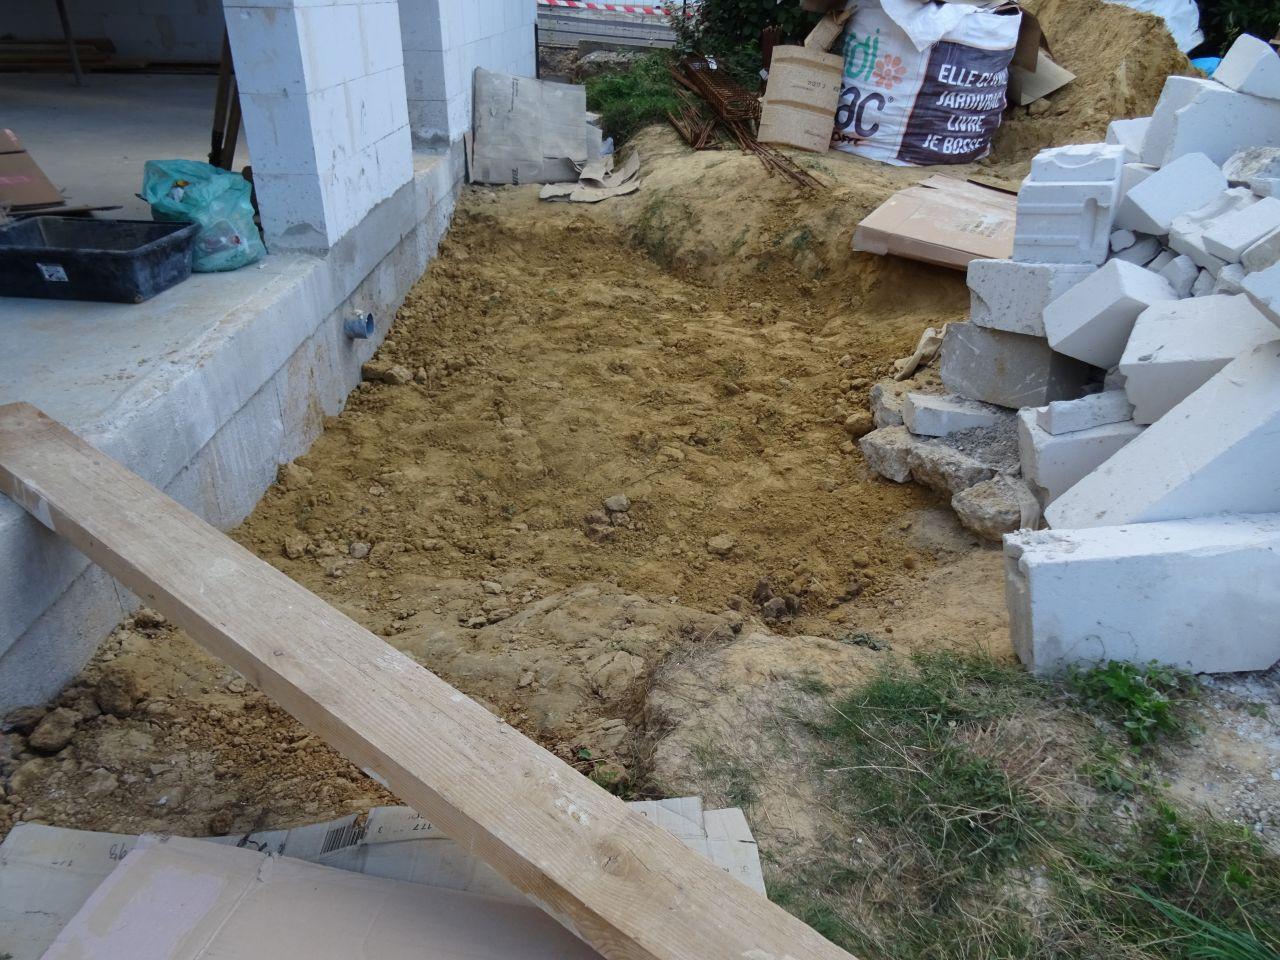 Suite du remblai, cela faisait longtemps ! Il a fallu d'abord nettoyer tout le béton, sable, etc.